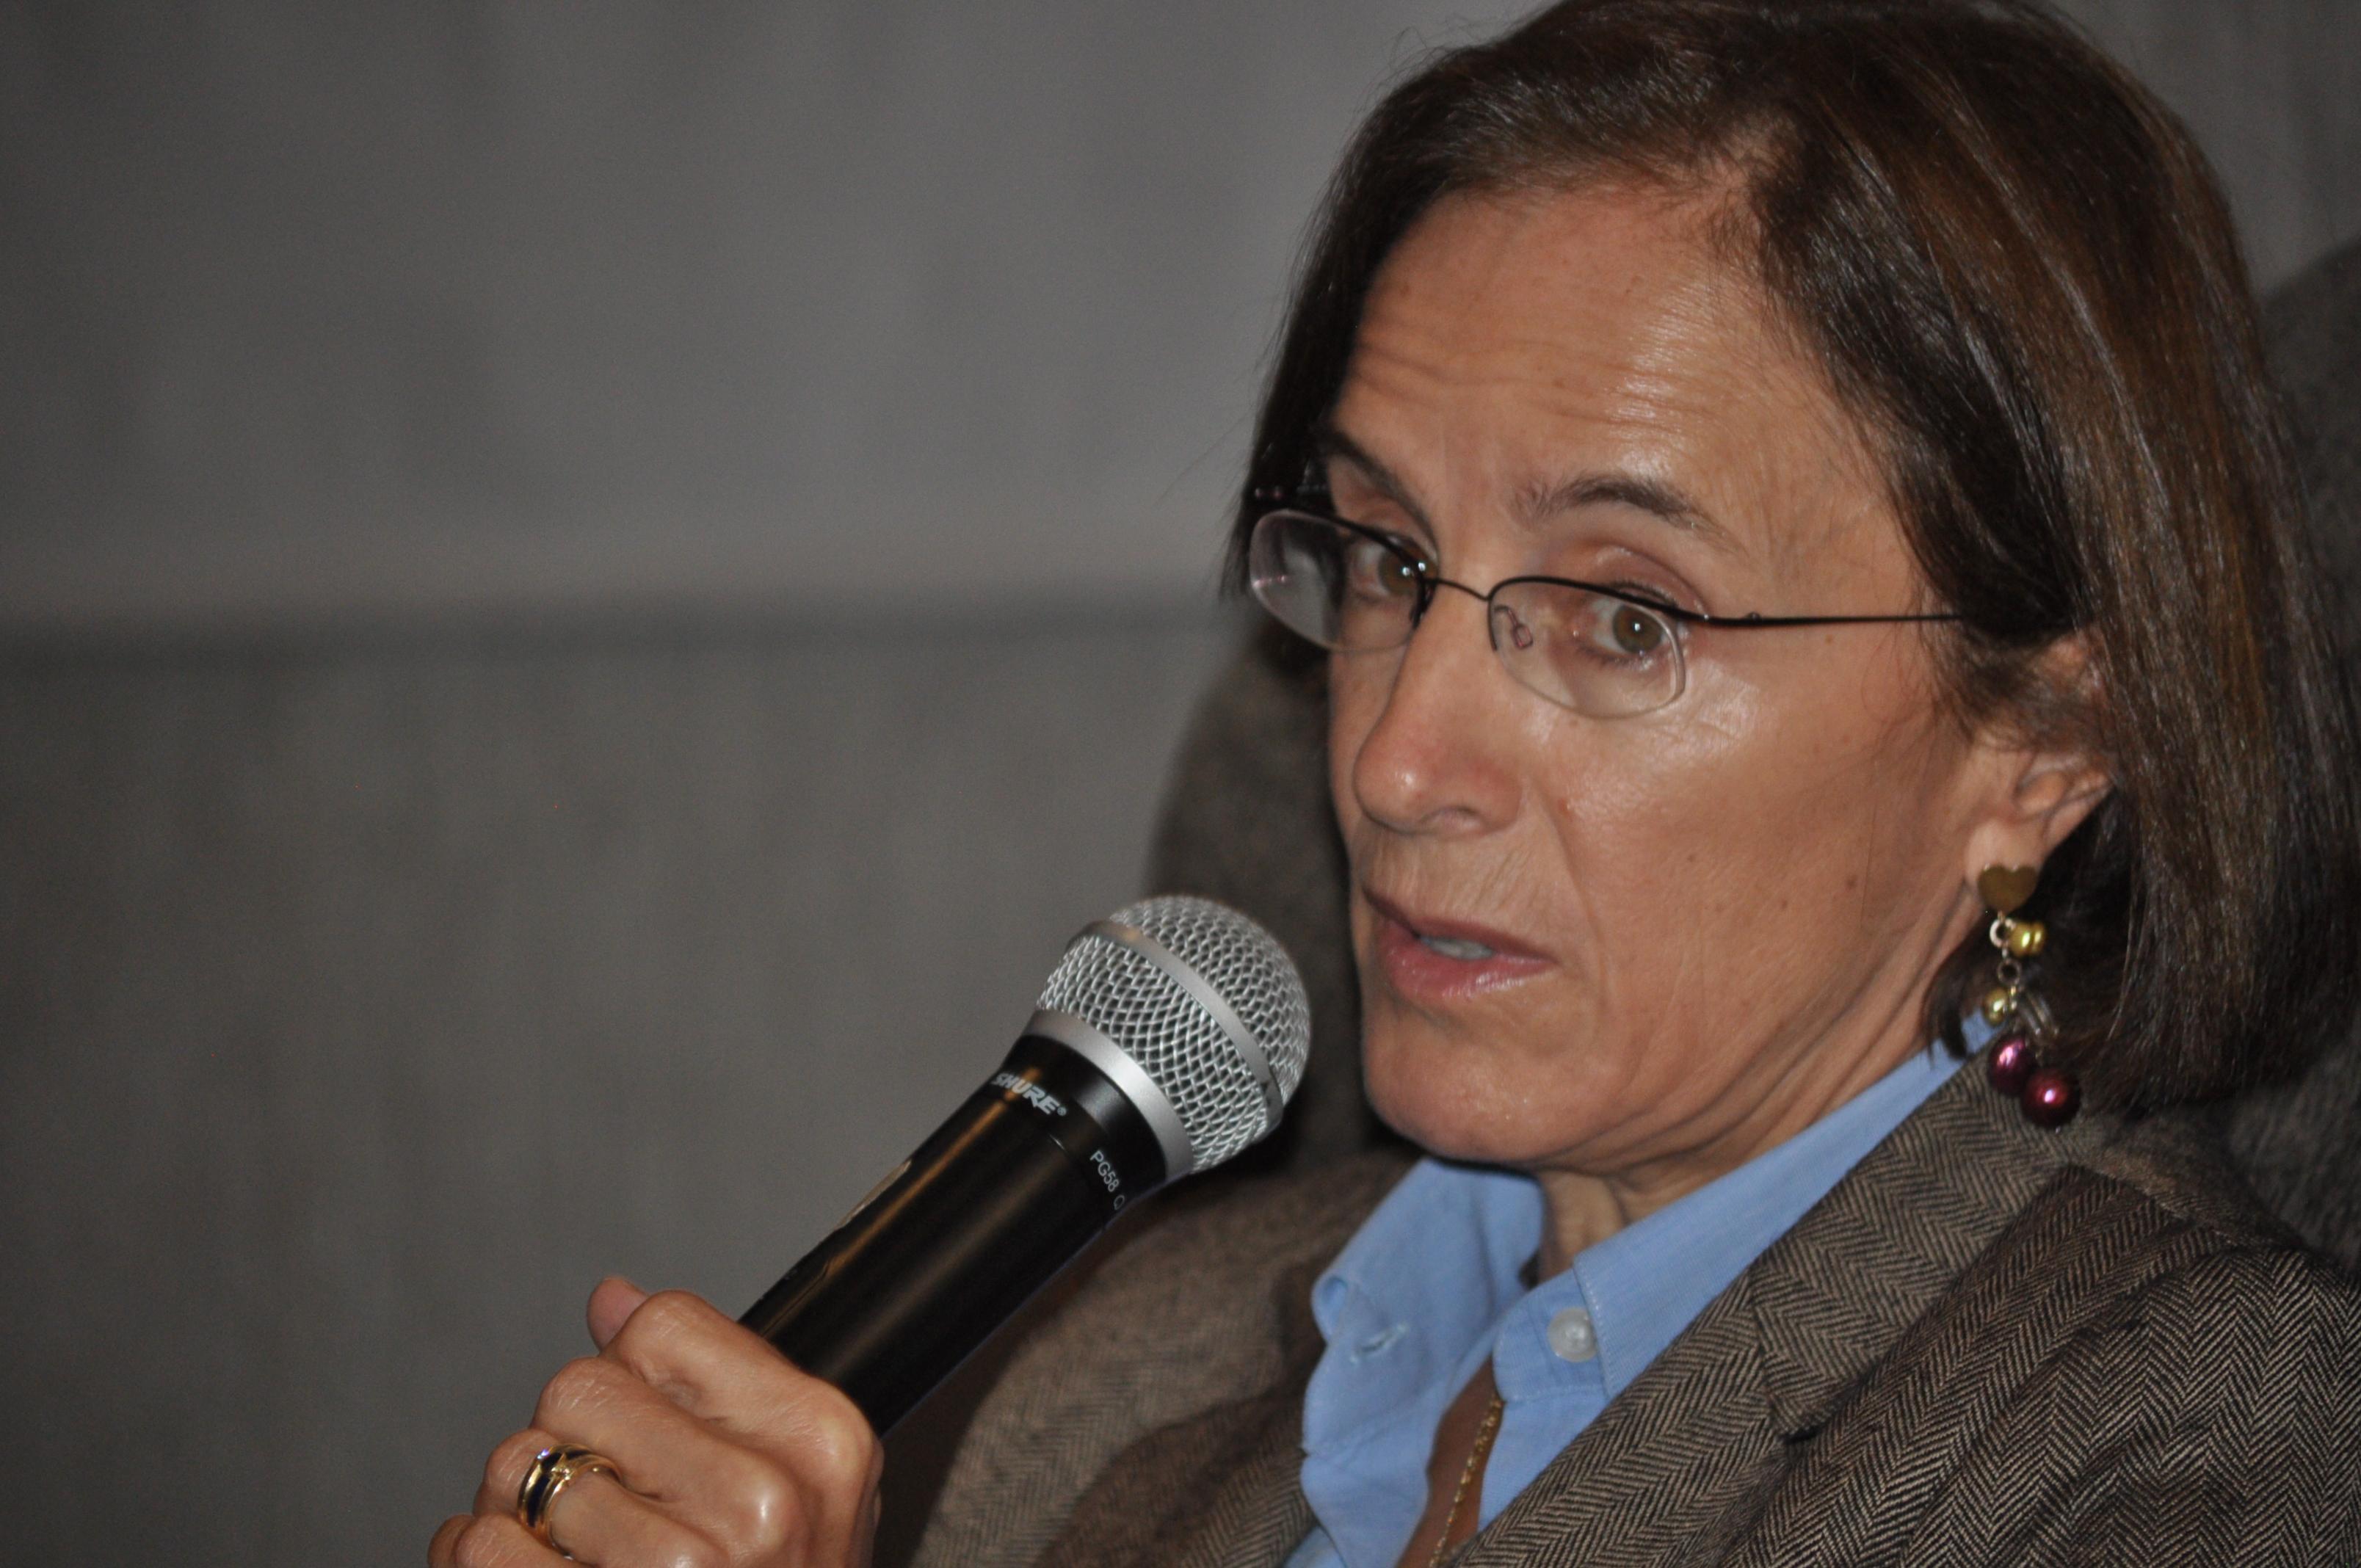 Salud Hernández - Wikipedia, la enciclopedia libre